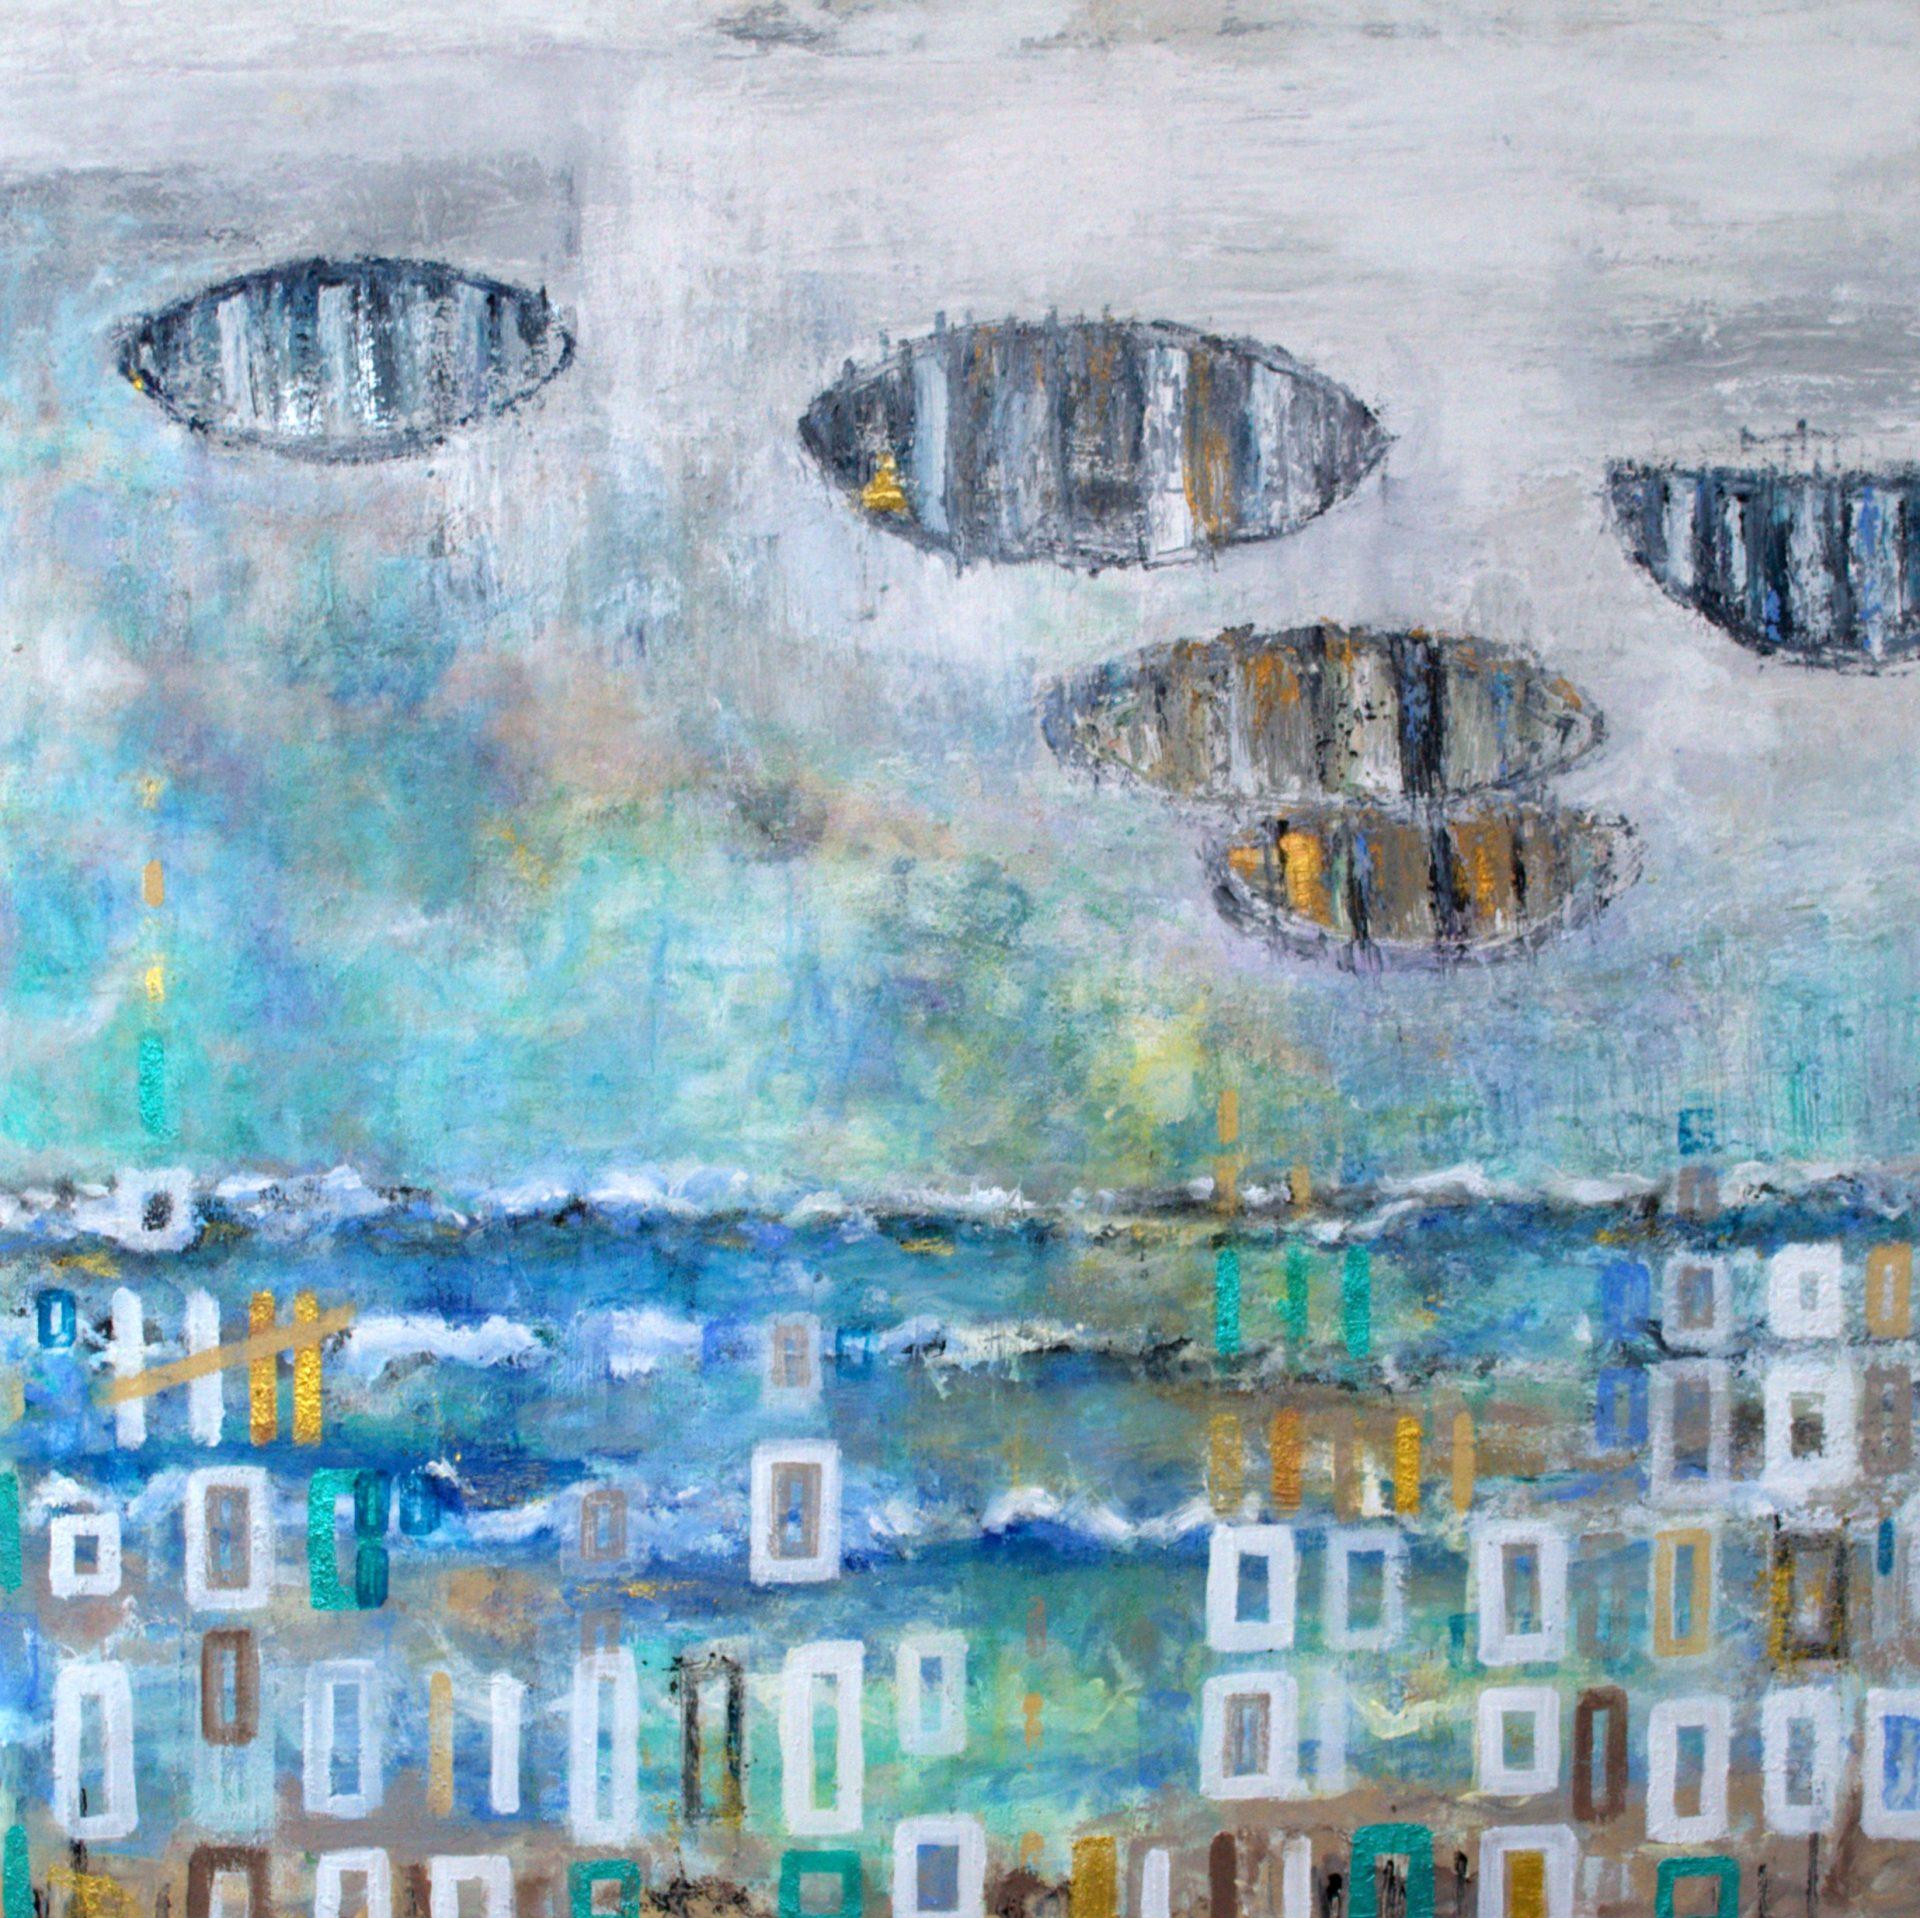 kunstenaar-utrecht-kunst-ltuziam-l-tuziasm-schilderij-art-artist-painting-urban-landscap Maja Boot Floathing Thoughts